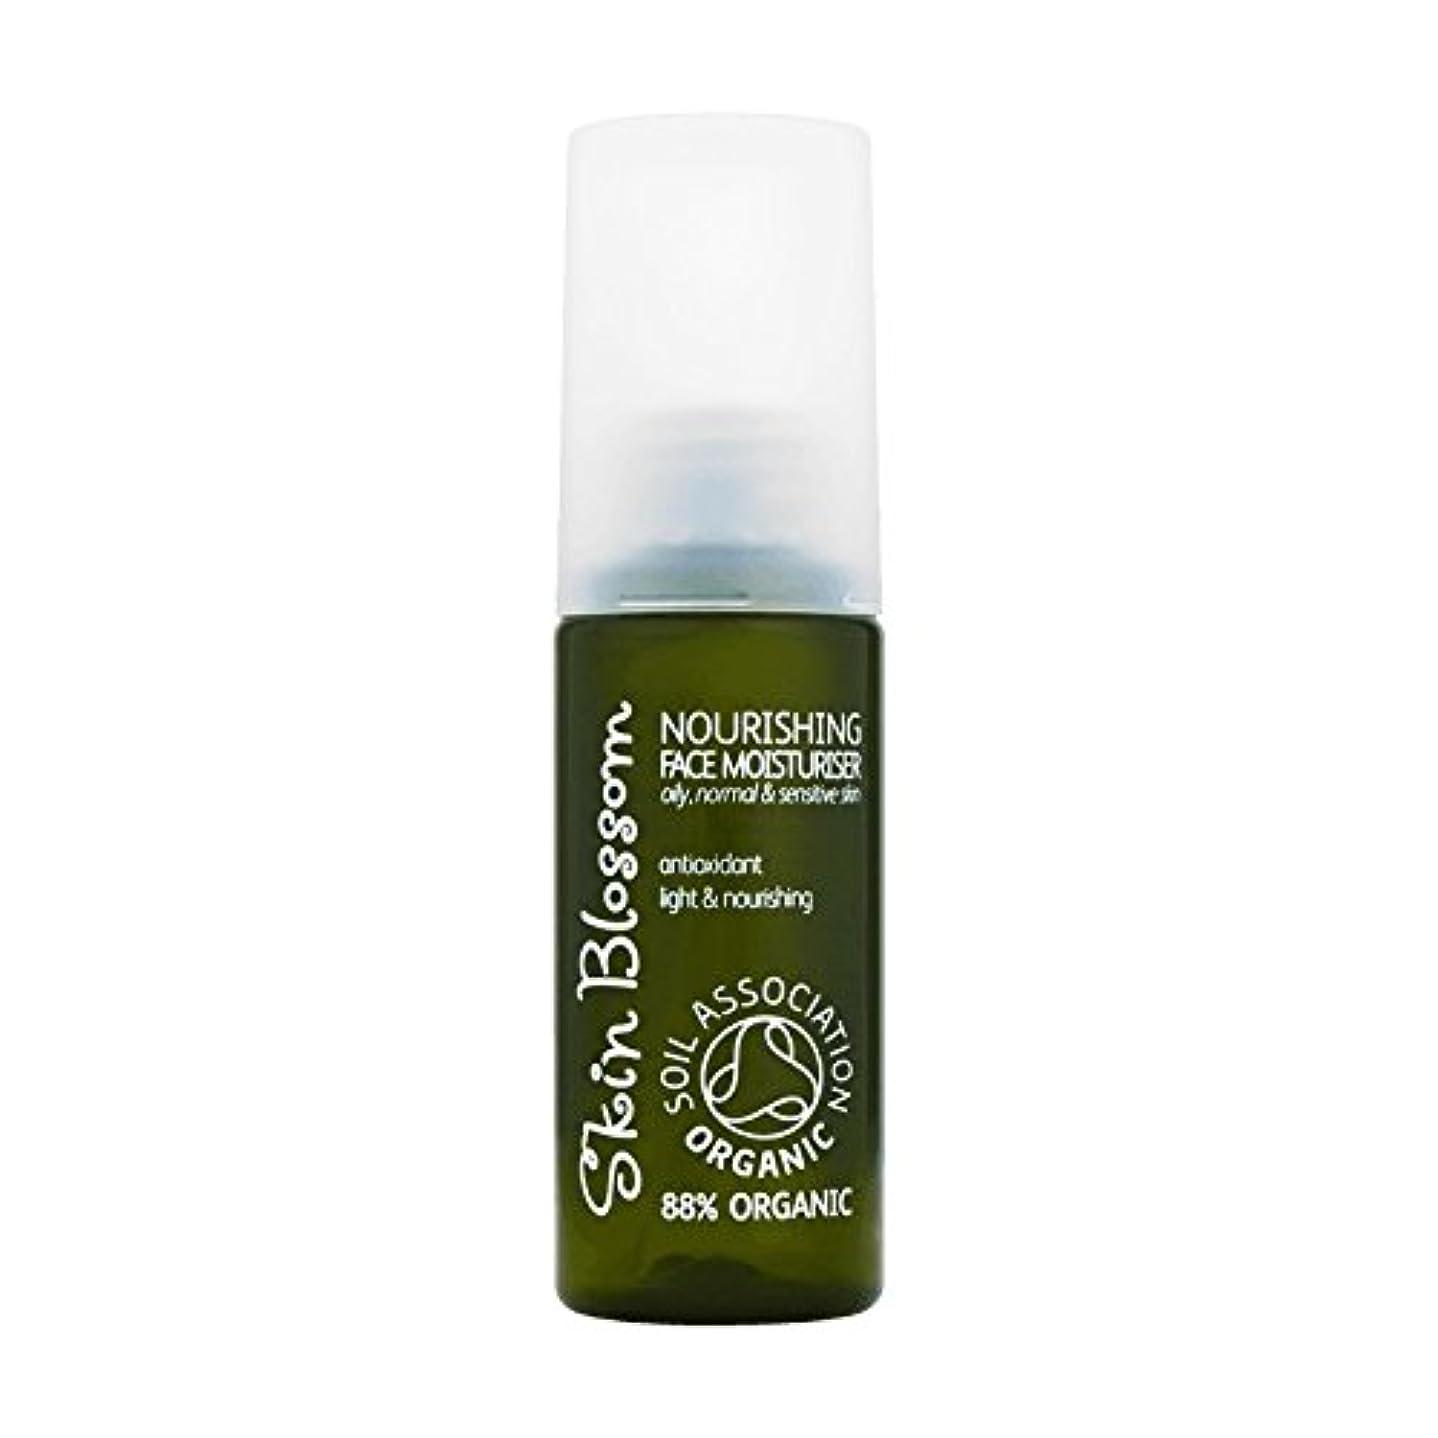 しばしば遠洋の農業のSkin Blossom Nourishing Face Moisturiser 50ml (Pack of 2) - 皮膚の花栄養顔の保湿クリーム50Ml (x2) [並行輸入品]